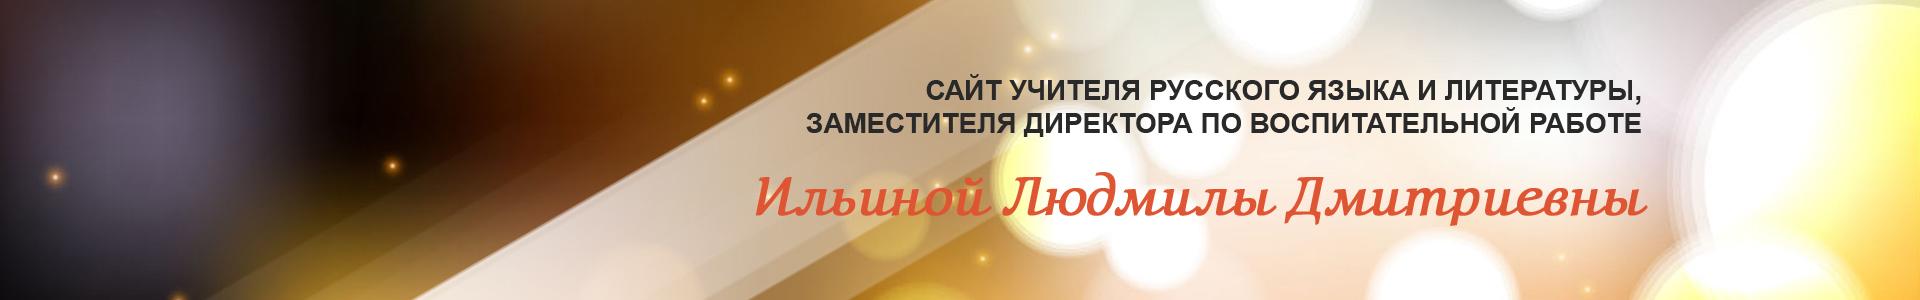 Сайт учителя русского языка и литературы, заместителя директора по воспитательной работе Ильиной Людмилы Дмитриевны